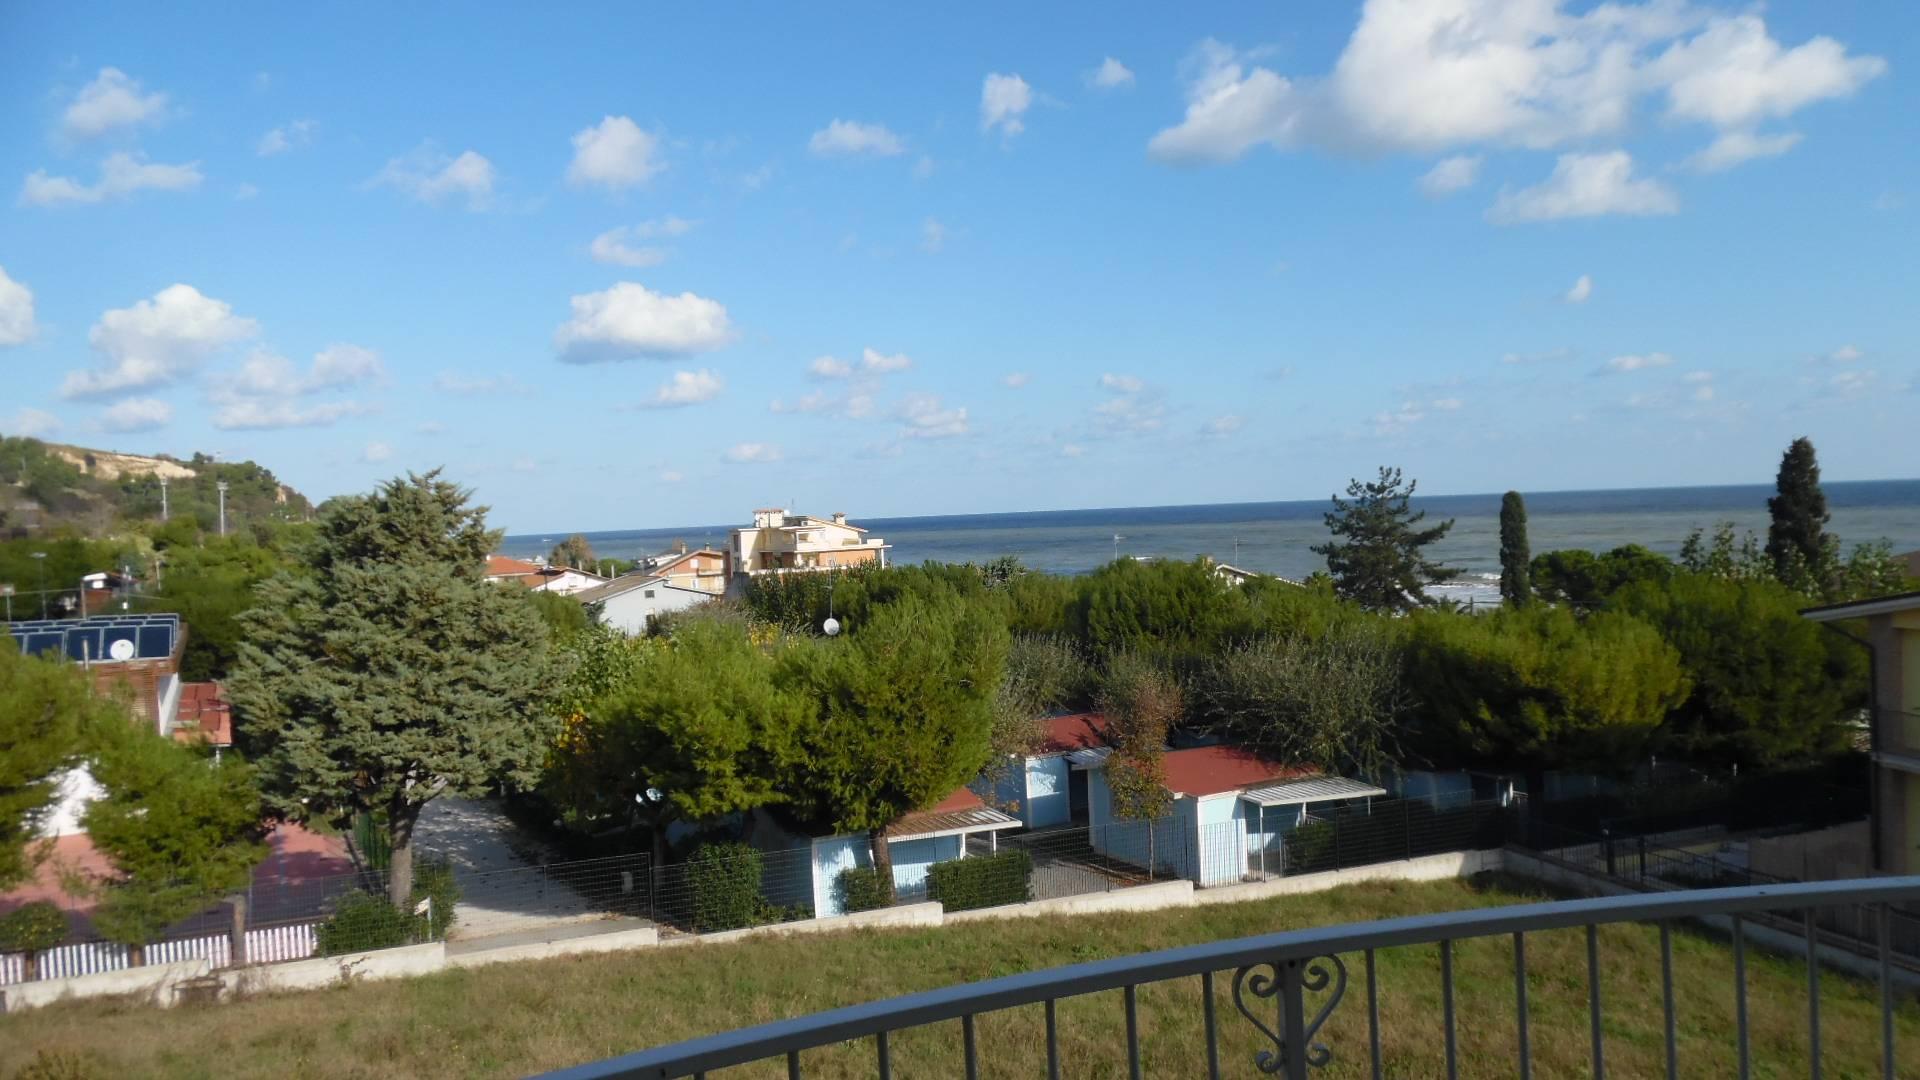 Appartamento in vendita a Campofilone, 4 locali, prezzo € 140.000 | PortaleAgenzieImmobiliari.it